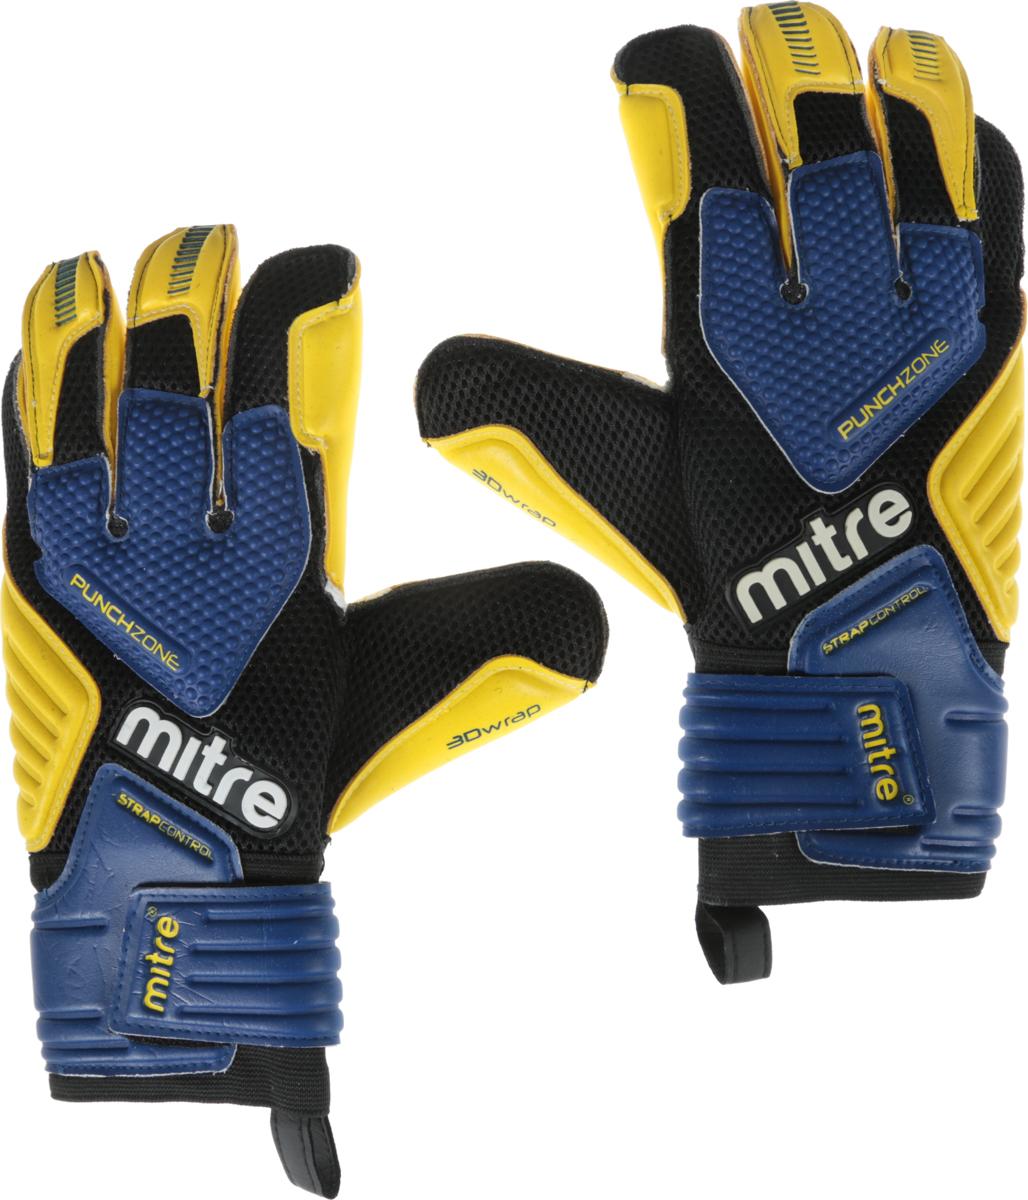 Перчатки вратарские Mitre Brz Pro, цвет: черный, желтый, синий. Размер 11GL254Перчатки вратарские Mitre Brz Pro имеют сетчатую тыльную сторону для лучшей вентиляции. Каждая пара перчаток конструирована для обеспечения максимальных игровых качеств, удобстваи защиты.Внутренняя часть ладони покрыта латексом для наилучшего сцепления. Сетчатые вставки на пальцах. Выделенная зона для отражения мяча кулаком на тыльной стороне перчатки. Конструкция ладони для гашения удара при схватывании мяча. Объемная конструкция в ключевых зонах. Эластичное запястье и фиксация на липучке. Чтобы обеспечить максимальные игровые качества и увеличить срок службы перчаток, важно смачивать перчатки перед использованием.